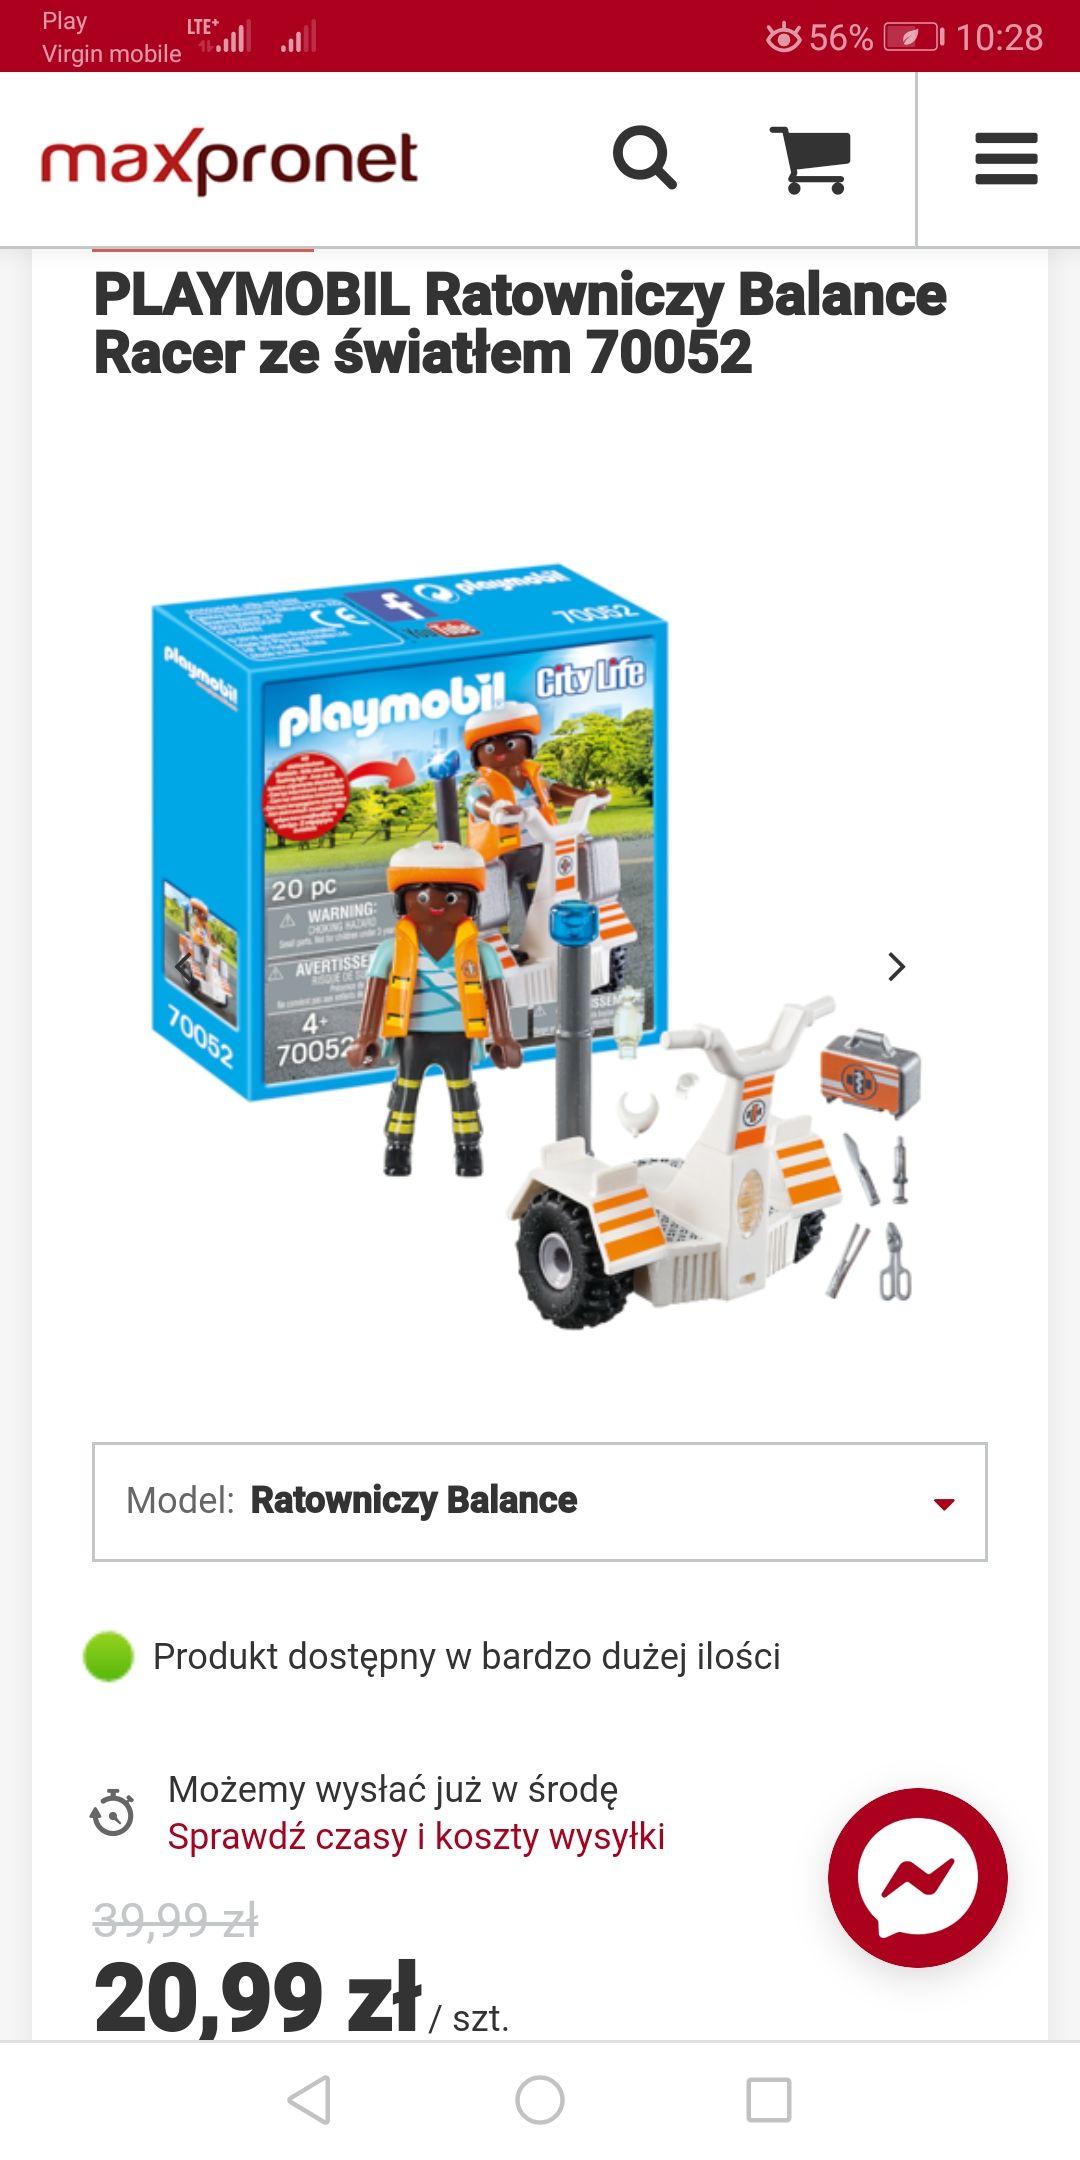 Playmobil ratowniczy balance Racer ze światłem